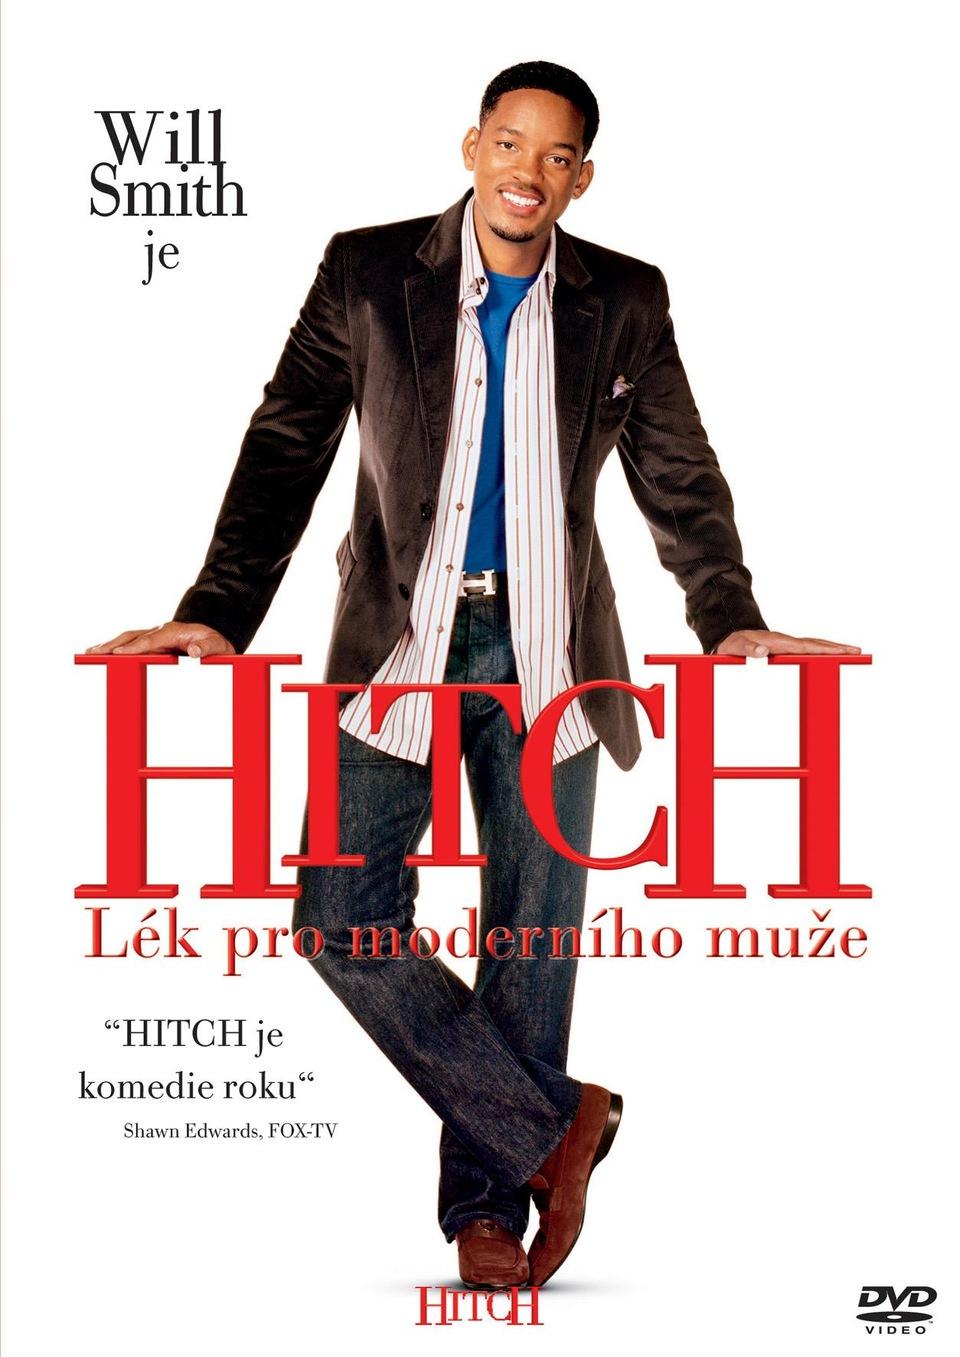 Film Hitch: Lék pro moderního muže